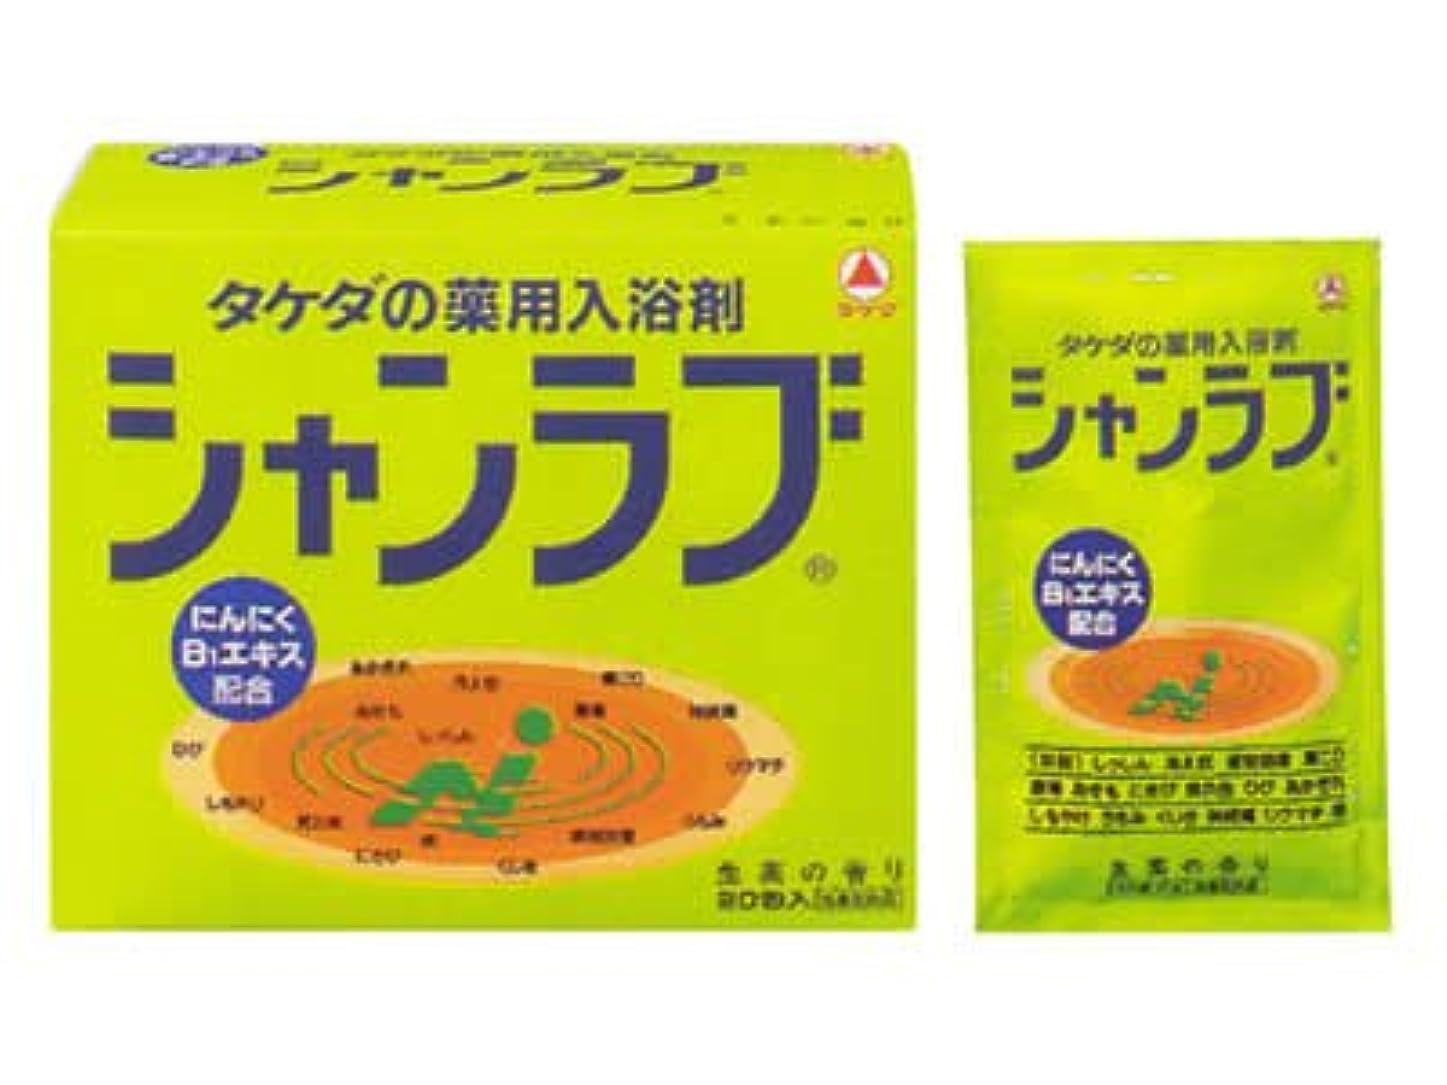 エアコンパスポート不毛武田コンシューマーヘルスケア シャンラブ 生薬の香り 20包